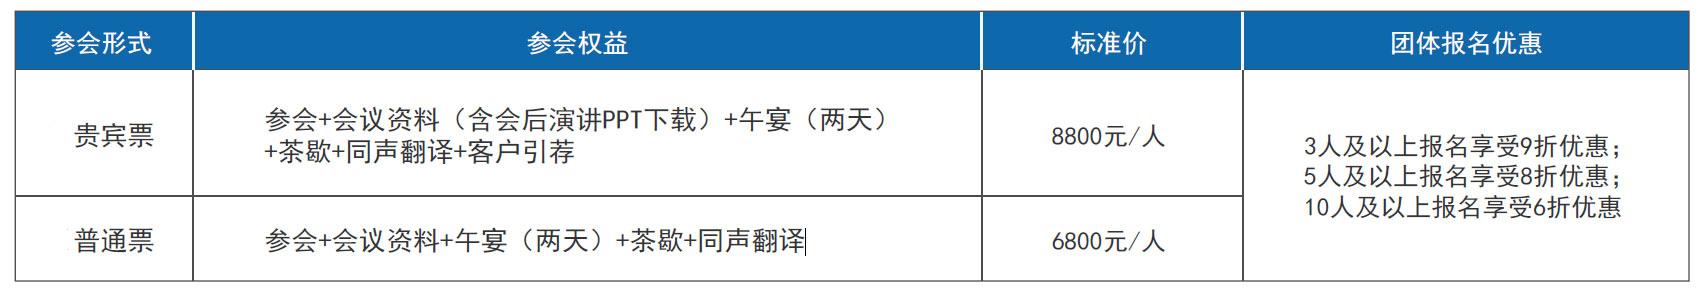 2016第二届中国商用车国际大会